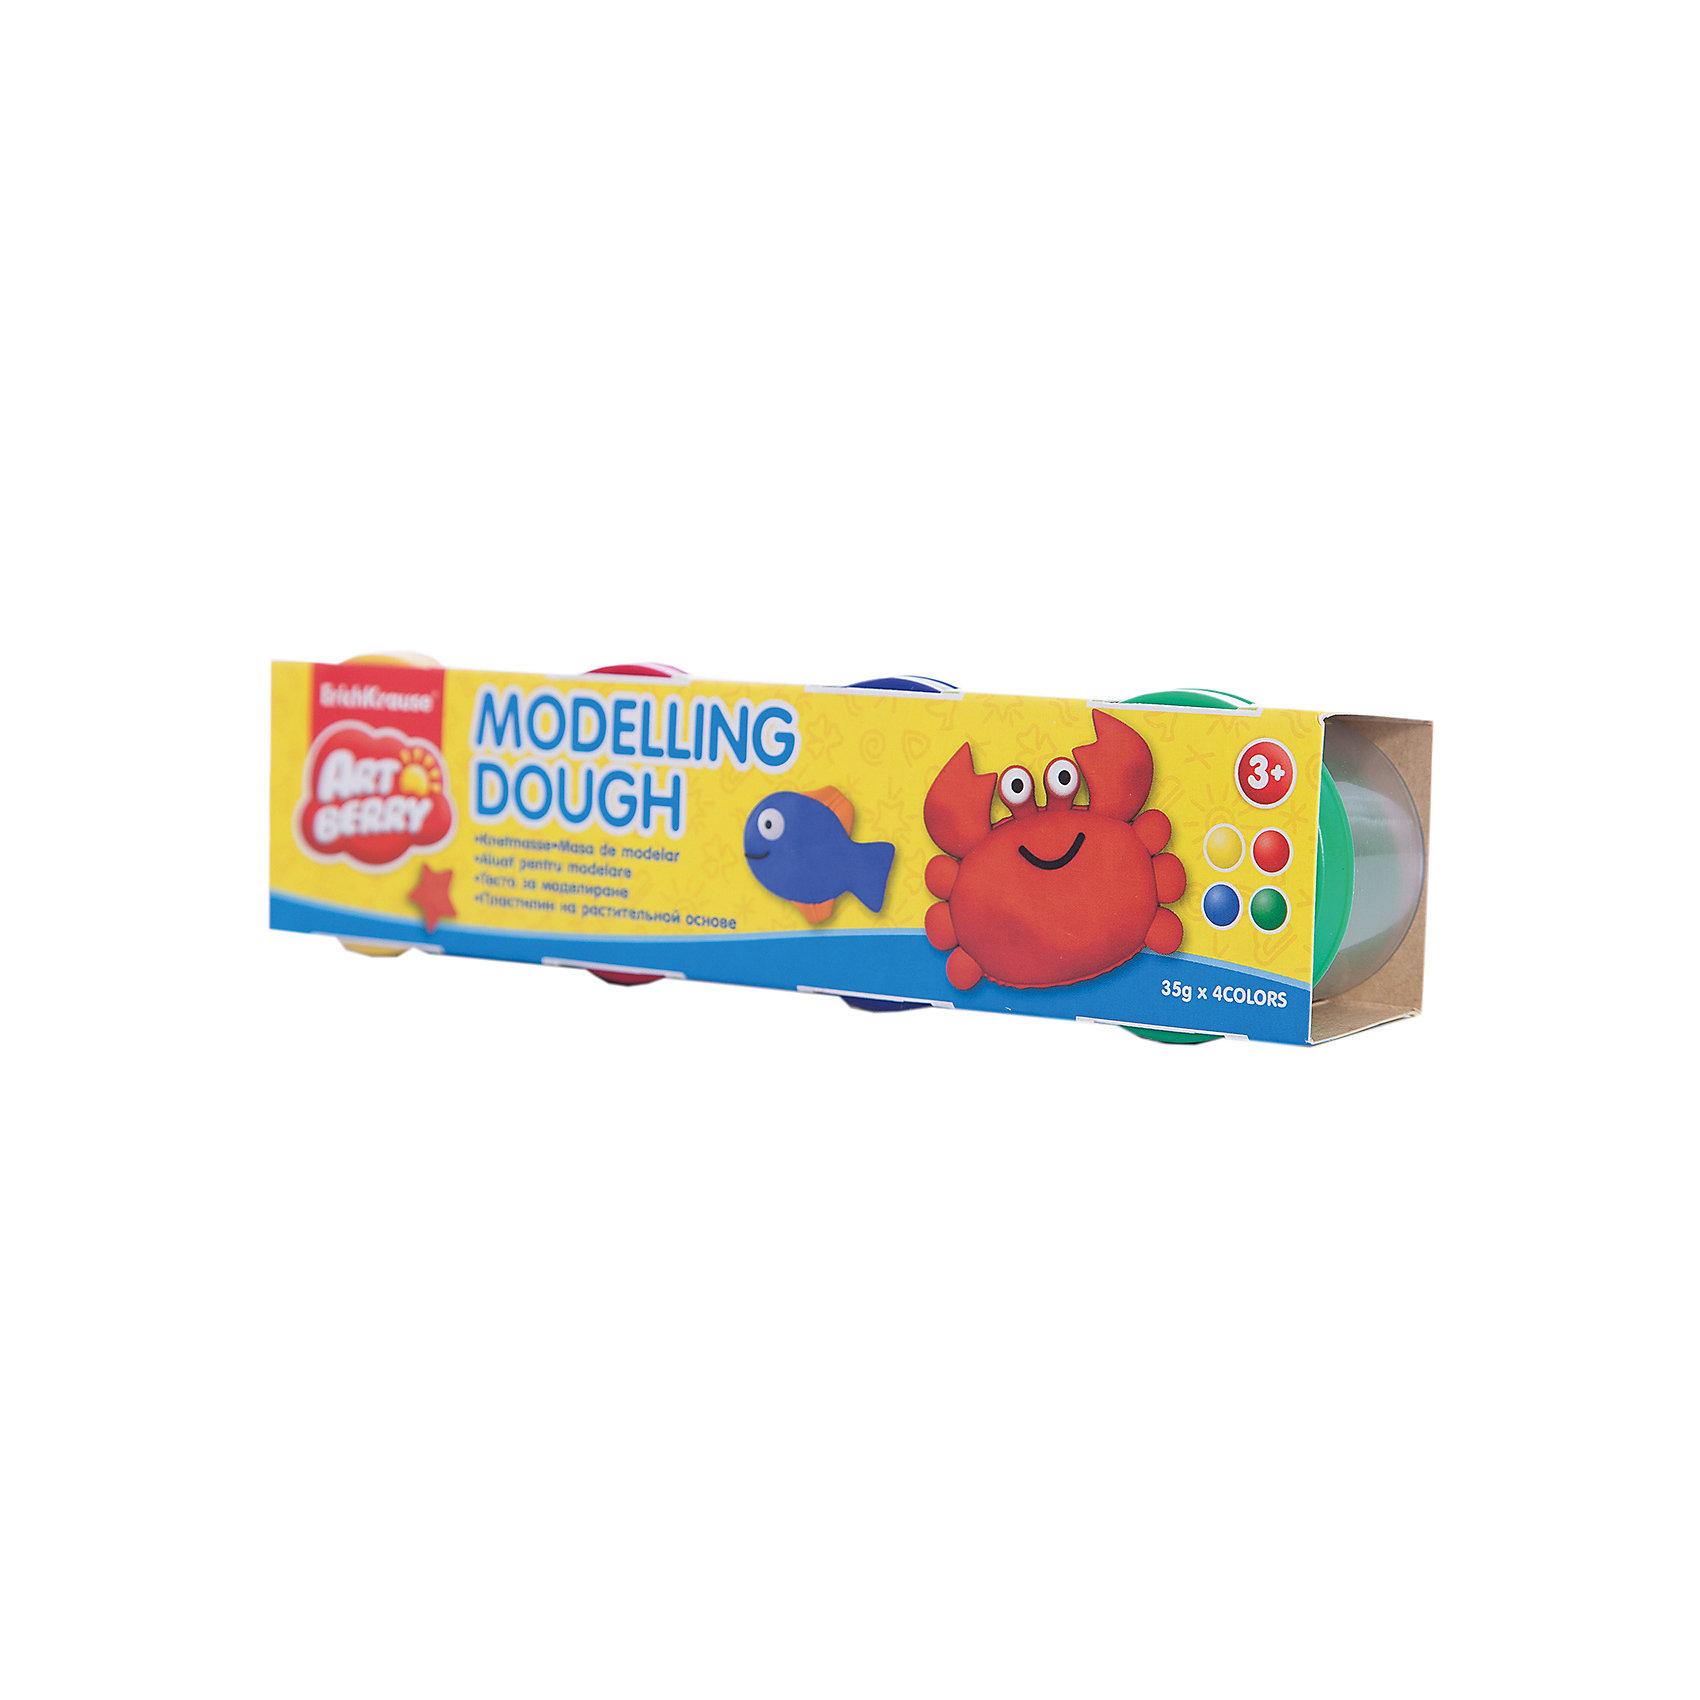 Пластилин на растительной основе Modelling Dough №1, 4 цвета по 35гЛепка<br>Характеристики товара:<br><br>• материал упаковки: картон<br>• в комплект входит: 4 банки по 35 г<br>• возраст: от 3 лет<br>• габариты упаковки: 22,0х4х4,5 см<br>• вес: 193 г<br>• страна производитель: Россия<br><br>Натуральная продукция – настоящая находка для детского творчества. Так, пластилин на растительной основе станет любимым материалов для творчества у вашего малыша. Мягкий, приятный для тактильного восприятия, он станет фаворитом среди пластилинов у малыша.<br><br>Пластилин на растительной основе Modelling Dough №1, 4 цвета по 35 г, можно купить в нашем интернет-магазине.<br><br>Ширина мм: 220<br>Глубина мм: 40<br>Высота мм: 45<br>Вес г: 193<br>Возраст от месяцев: 36<br>Возраст до месяцев: 2147483647<br>Пол: Унисекс<br>Возраст: Детский<br>SKU: 5409324